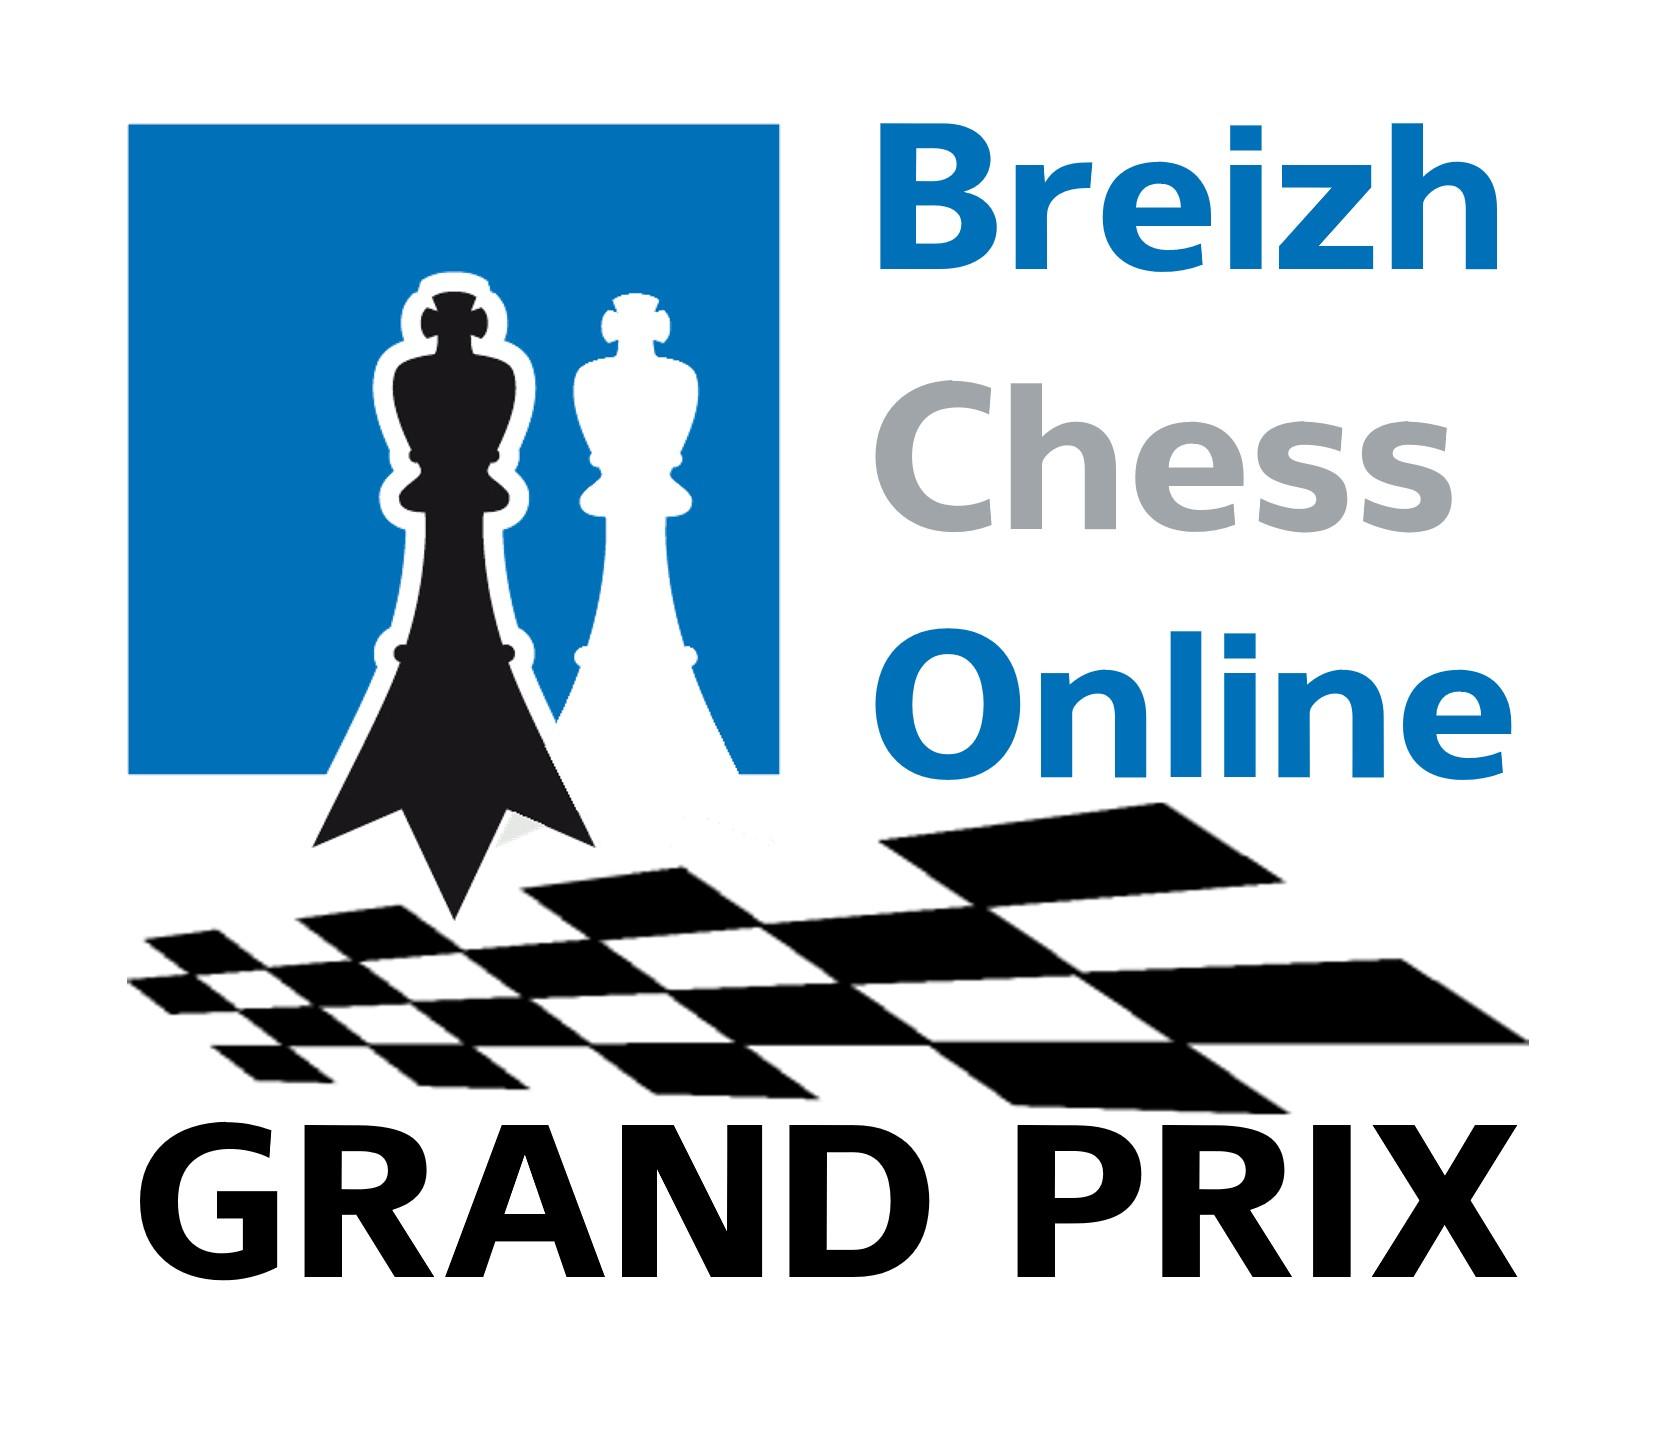 Breizh Chess Online